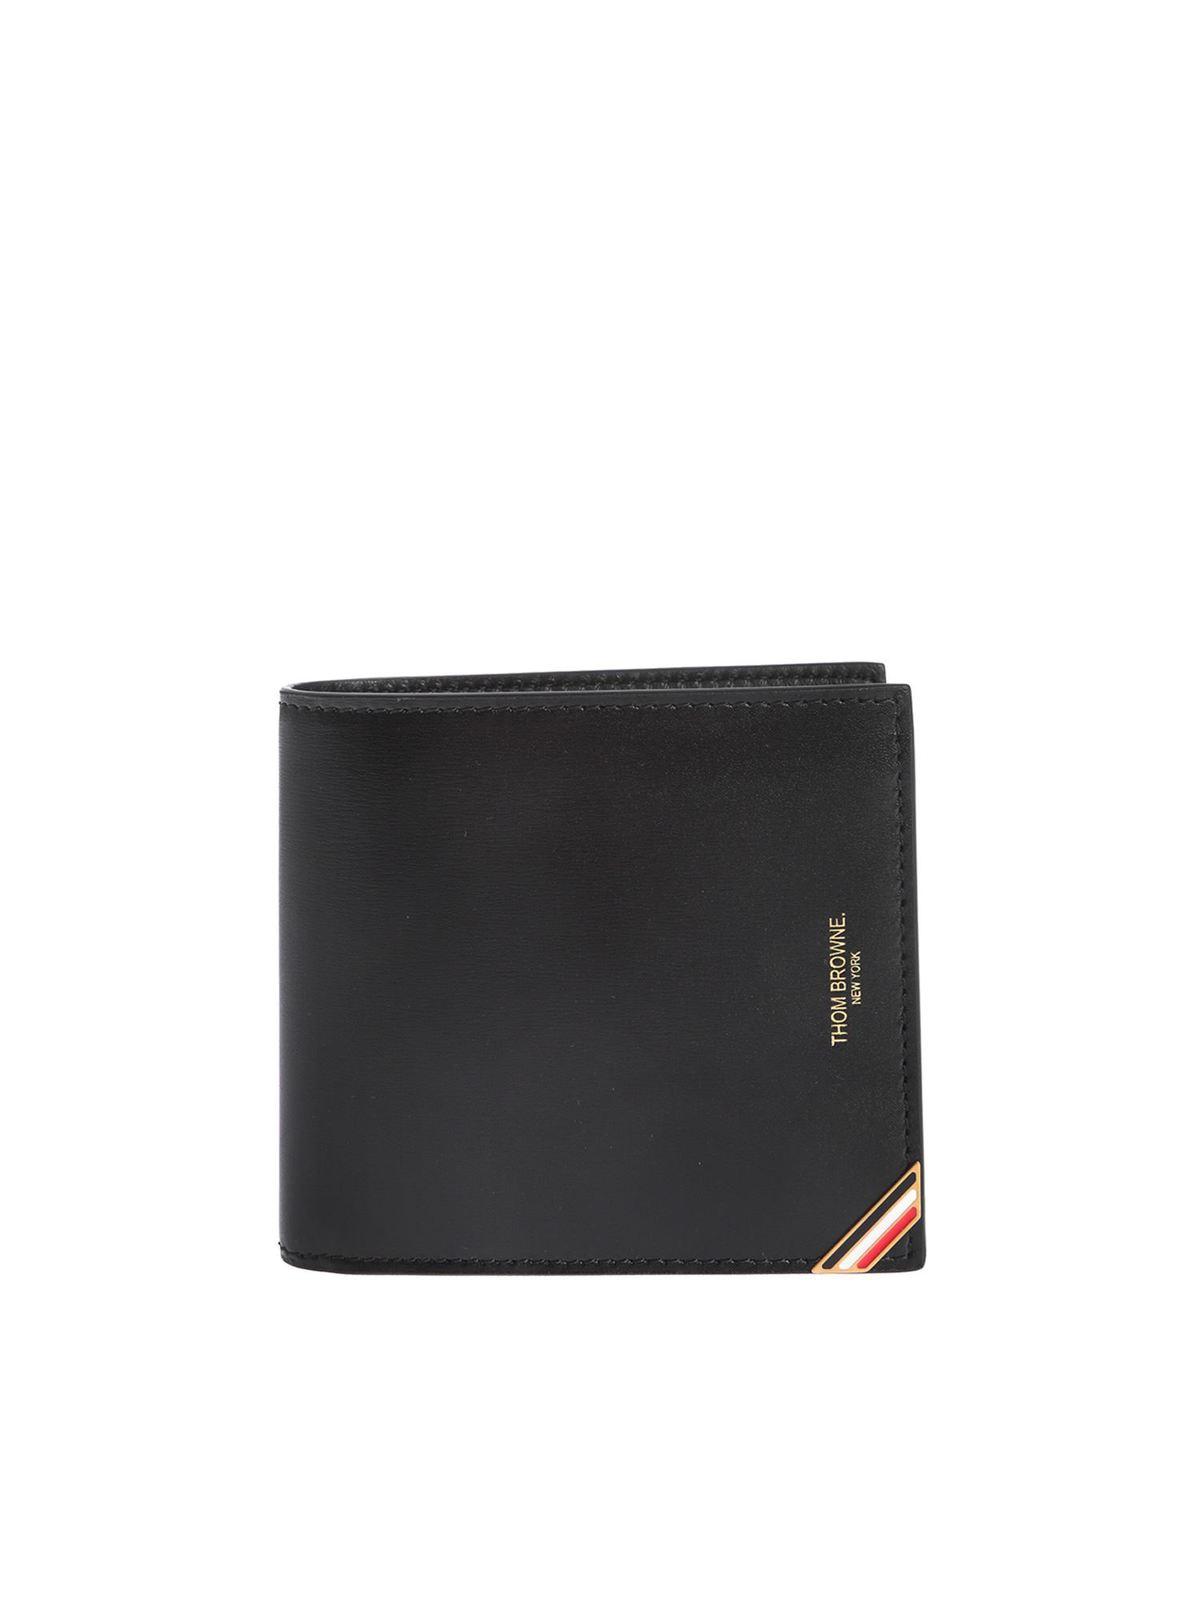 Thom Browne BIFOLD WALLET IN BLACK